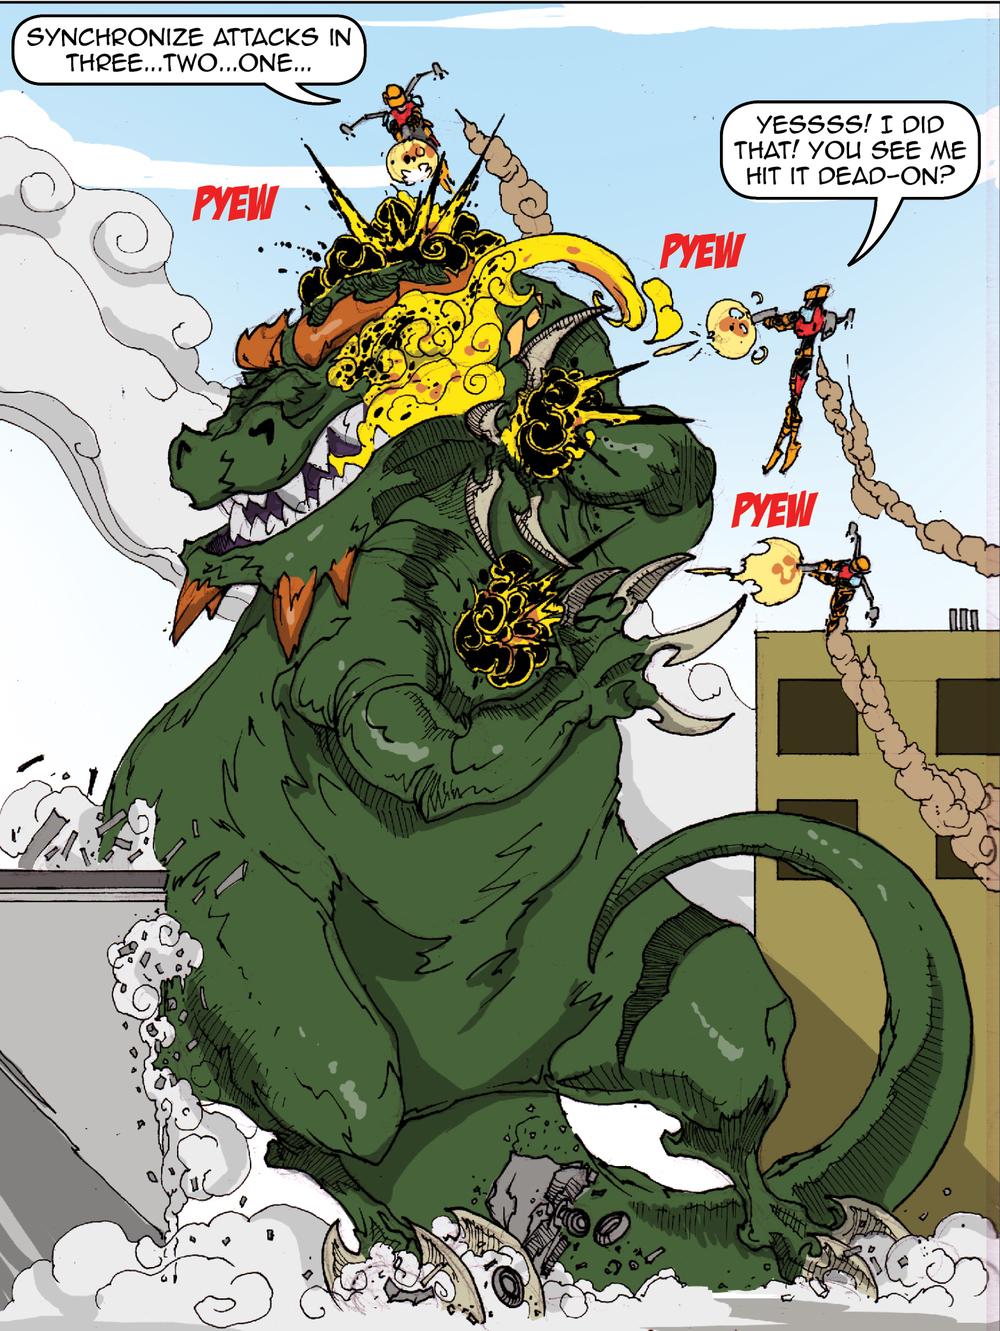 Robot-Men Vs. Giant Monster! GO!